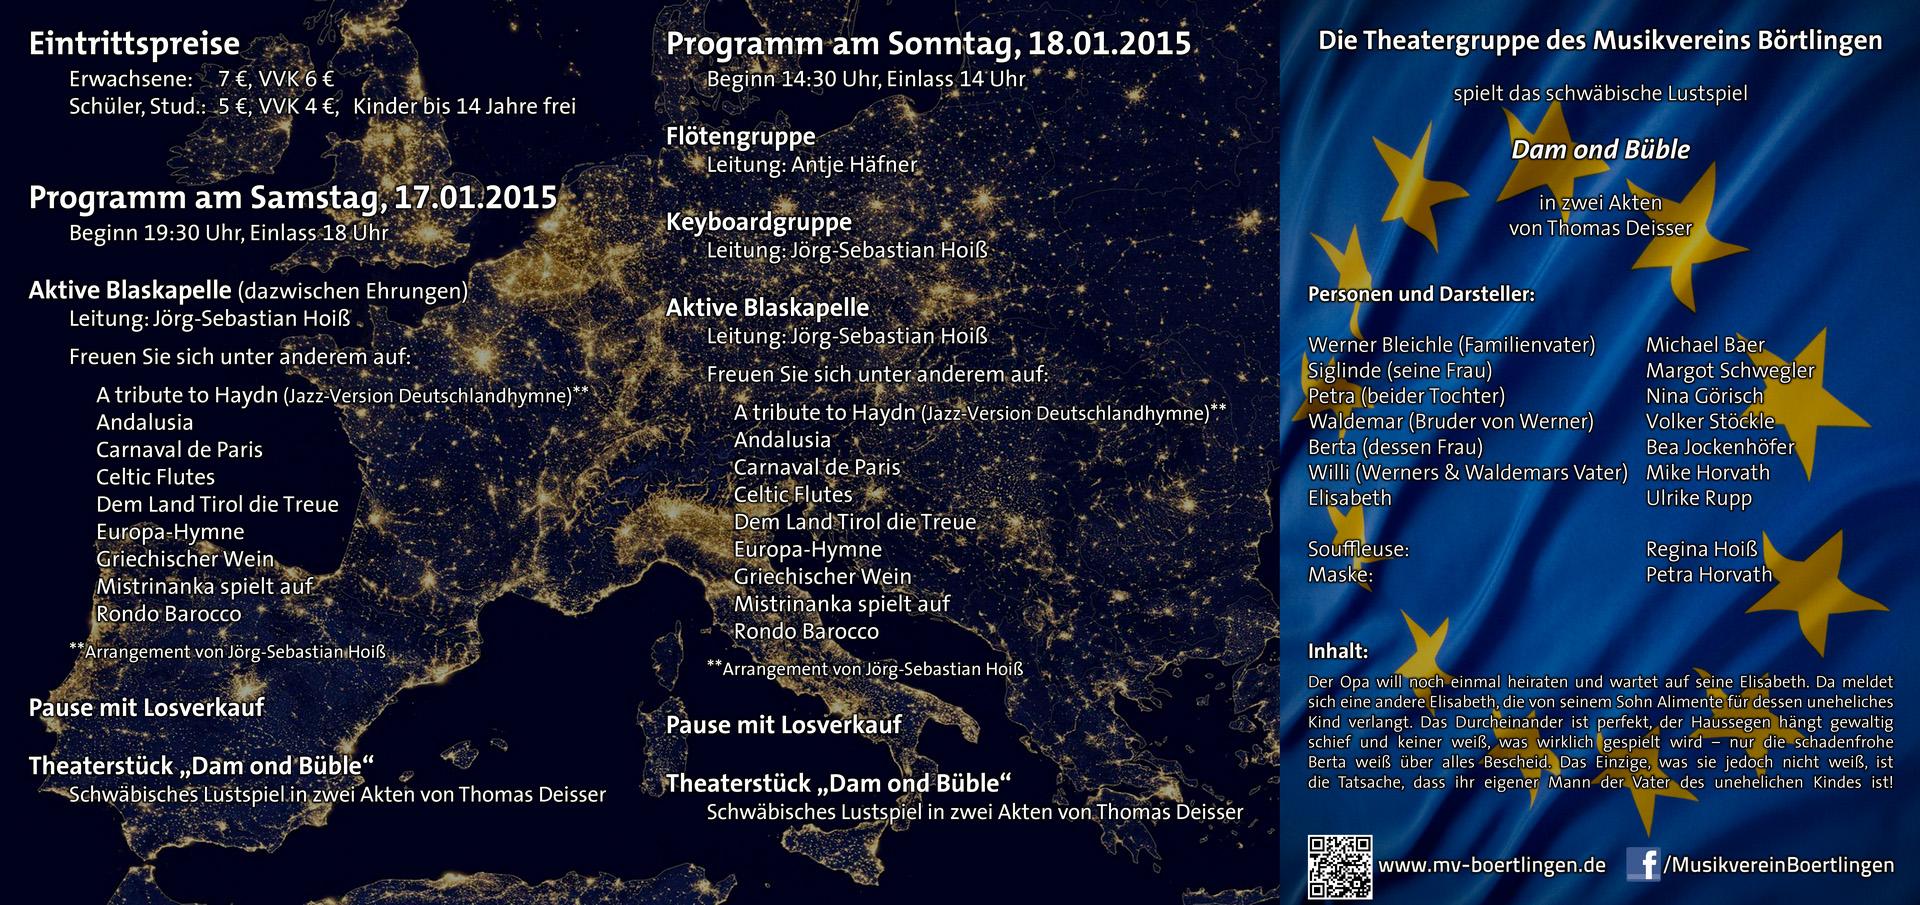 Programm der Jahresfeier 'Europa' am 17. und 18. Januar 2015